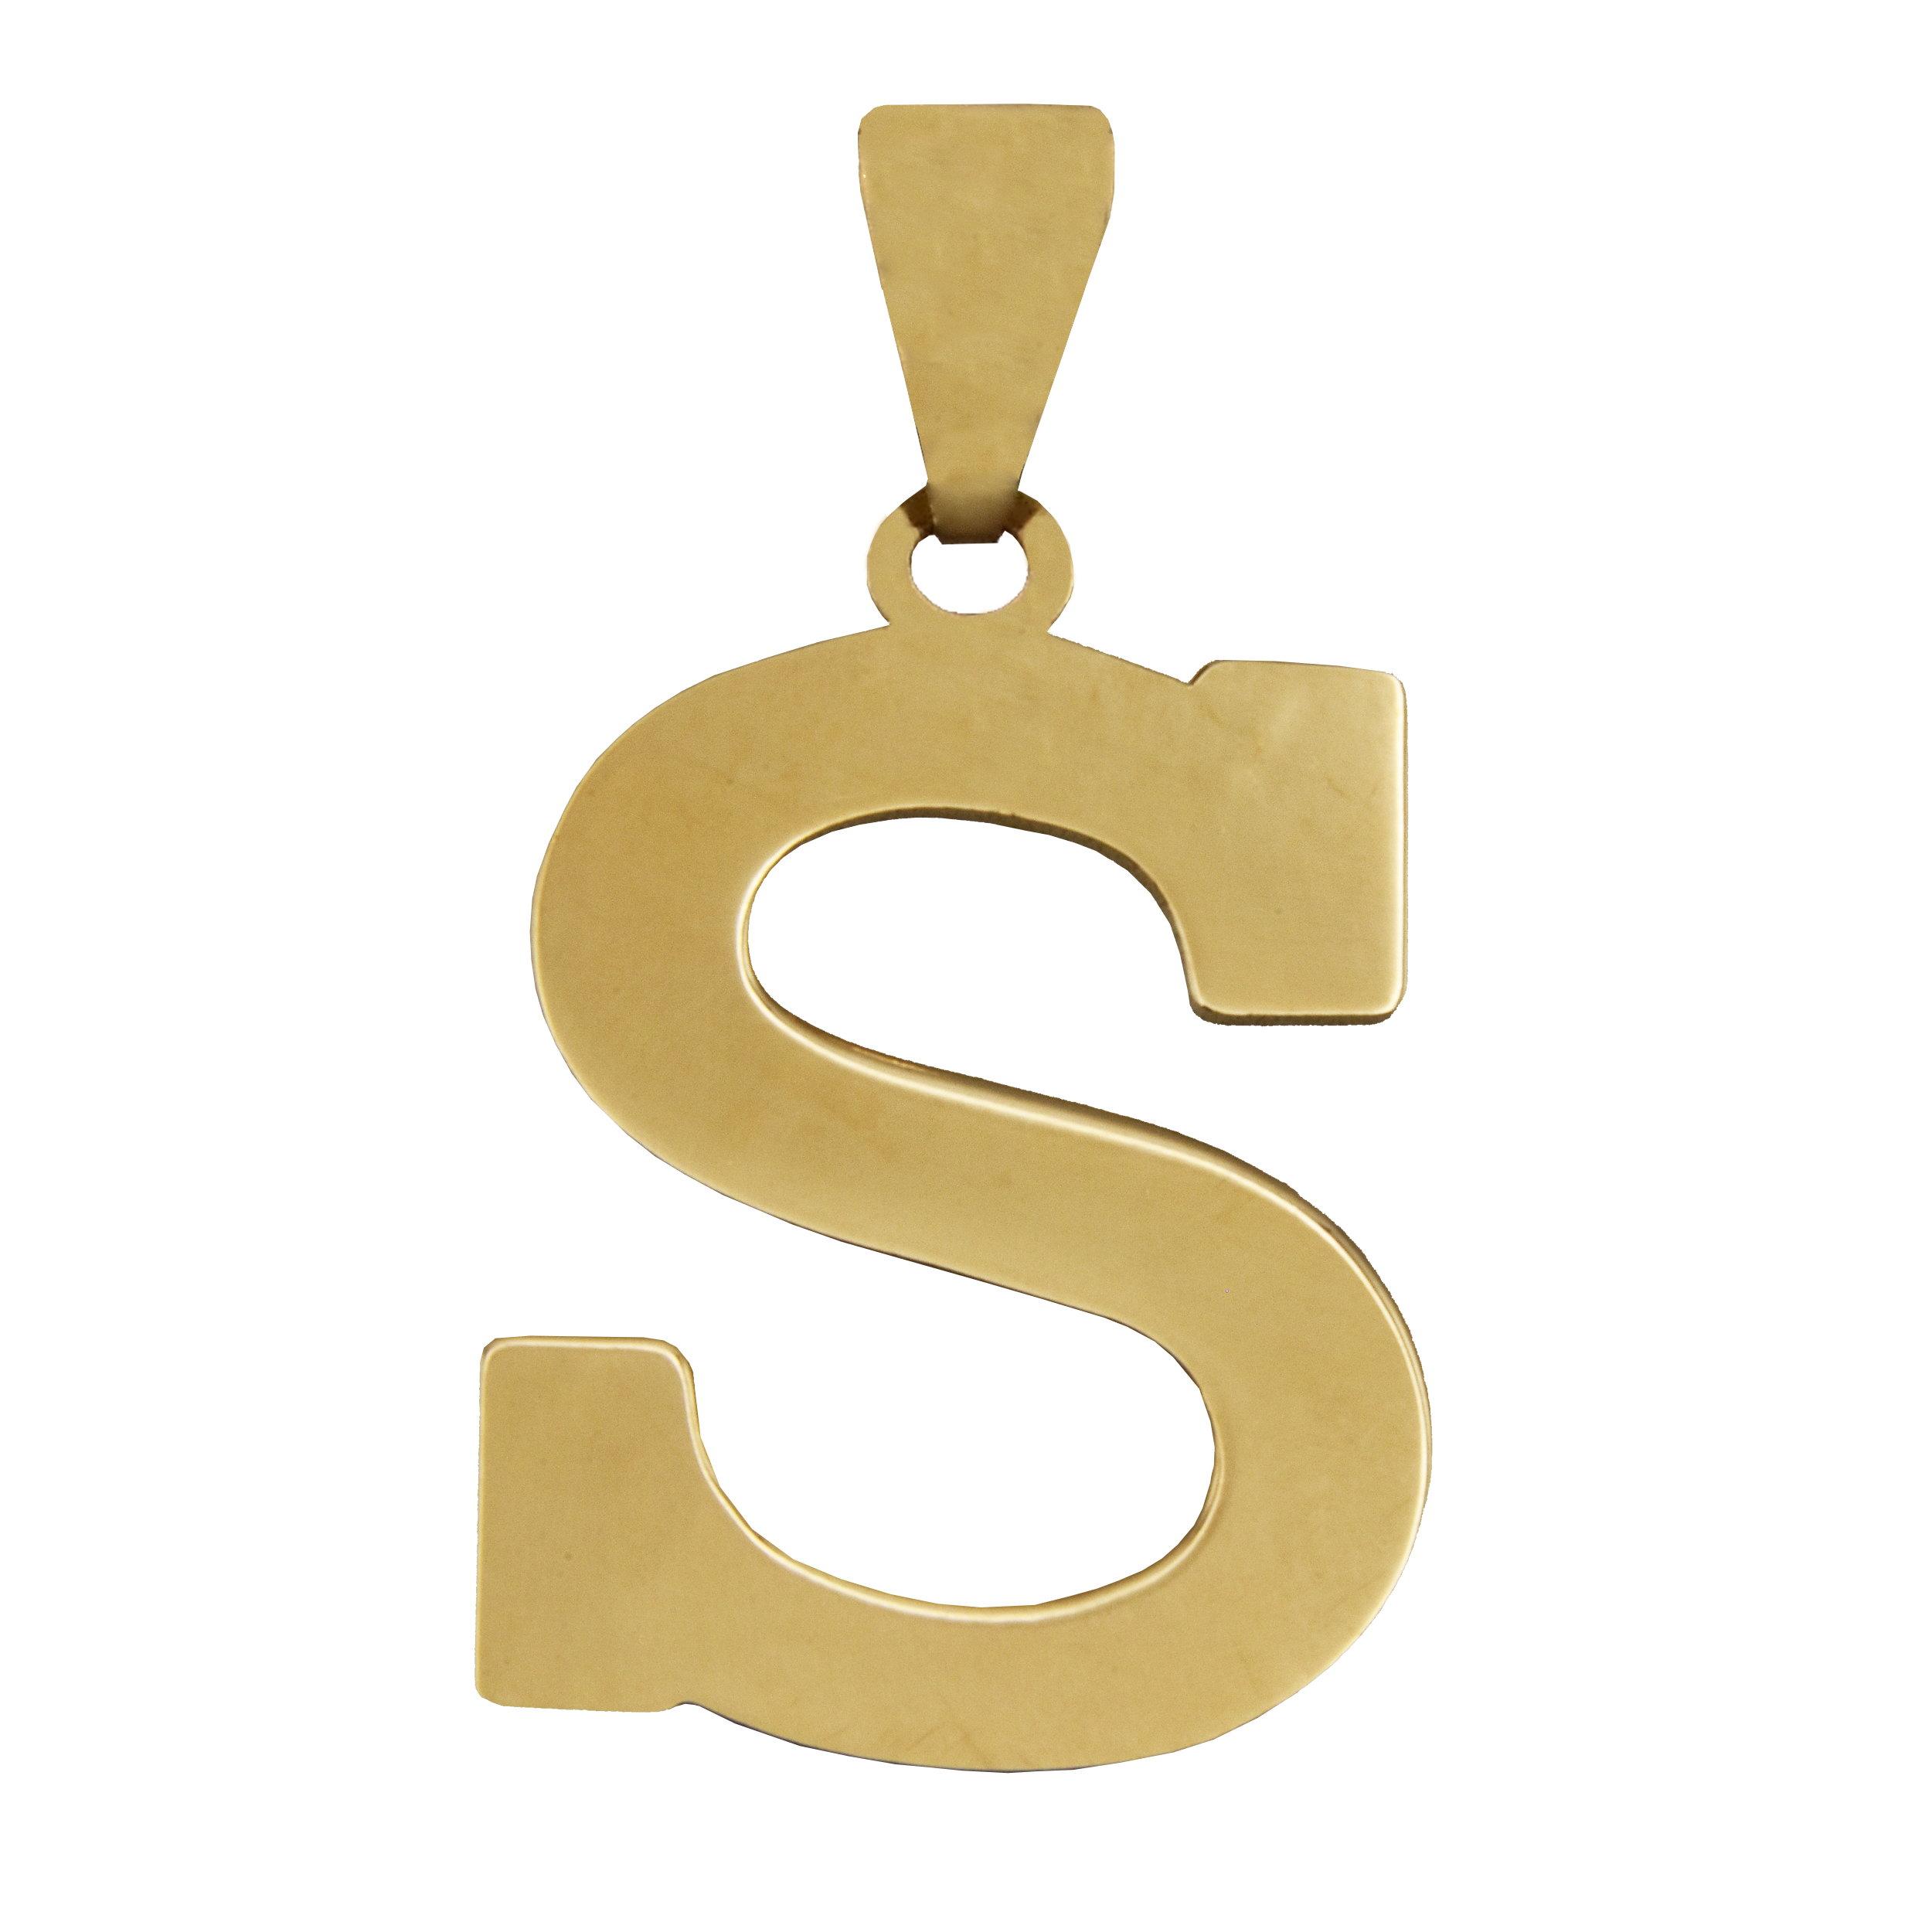 آویز گردنبند طلا 18 عیار زنانه آرشا گالری طرح S کد 457A2589